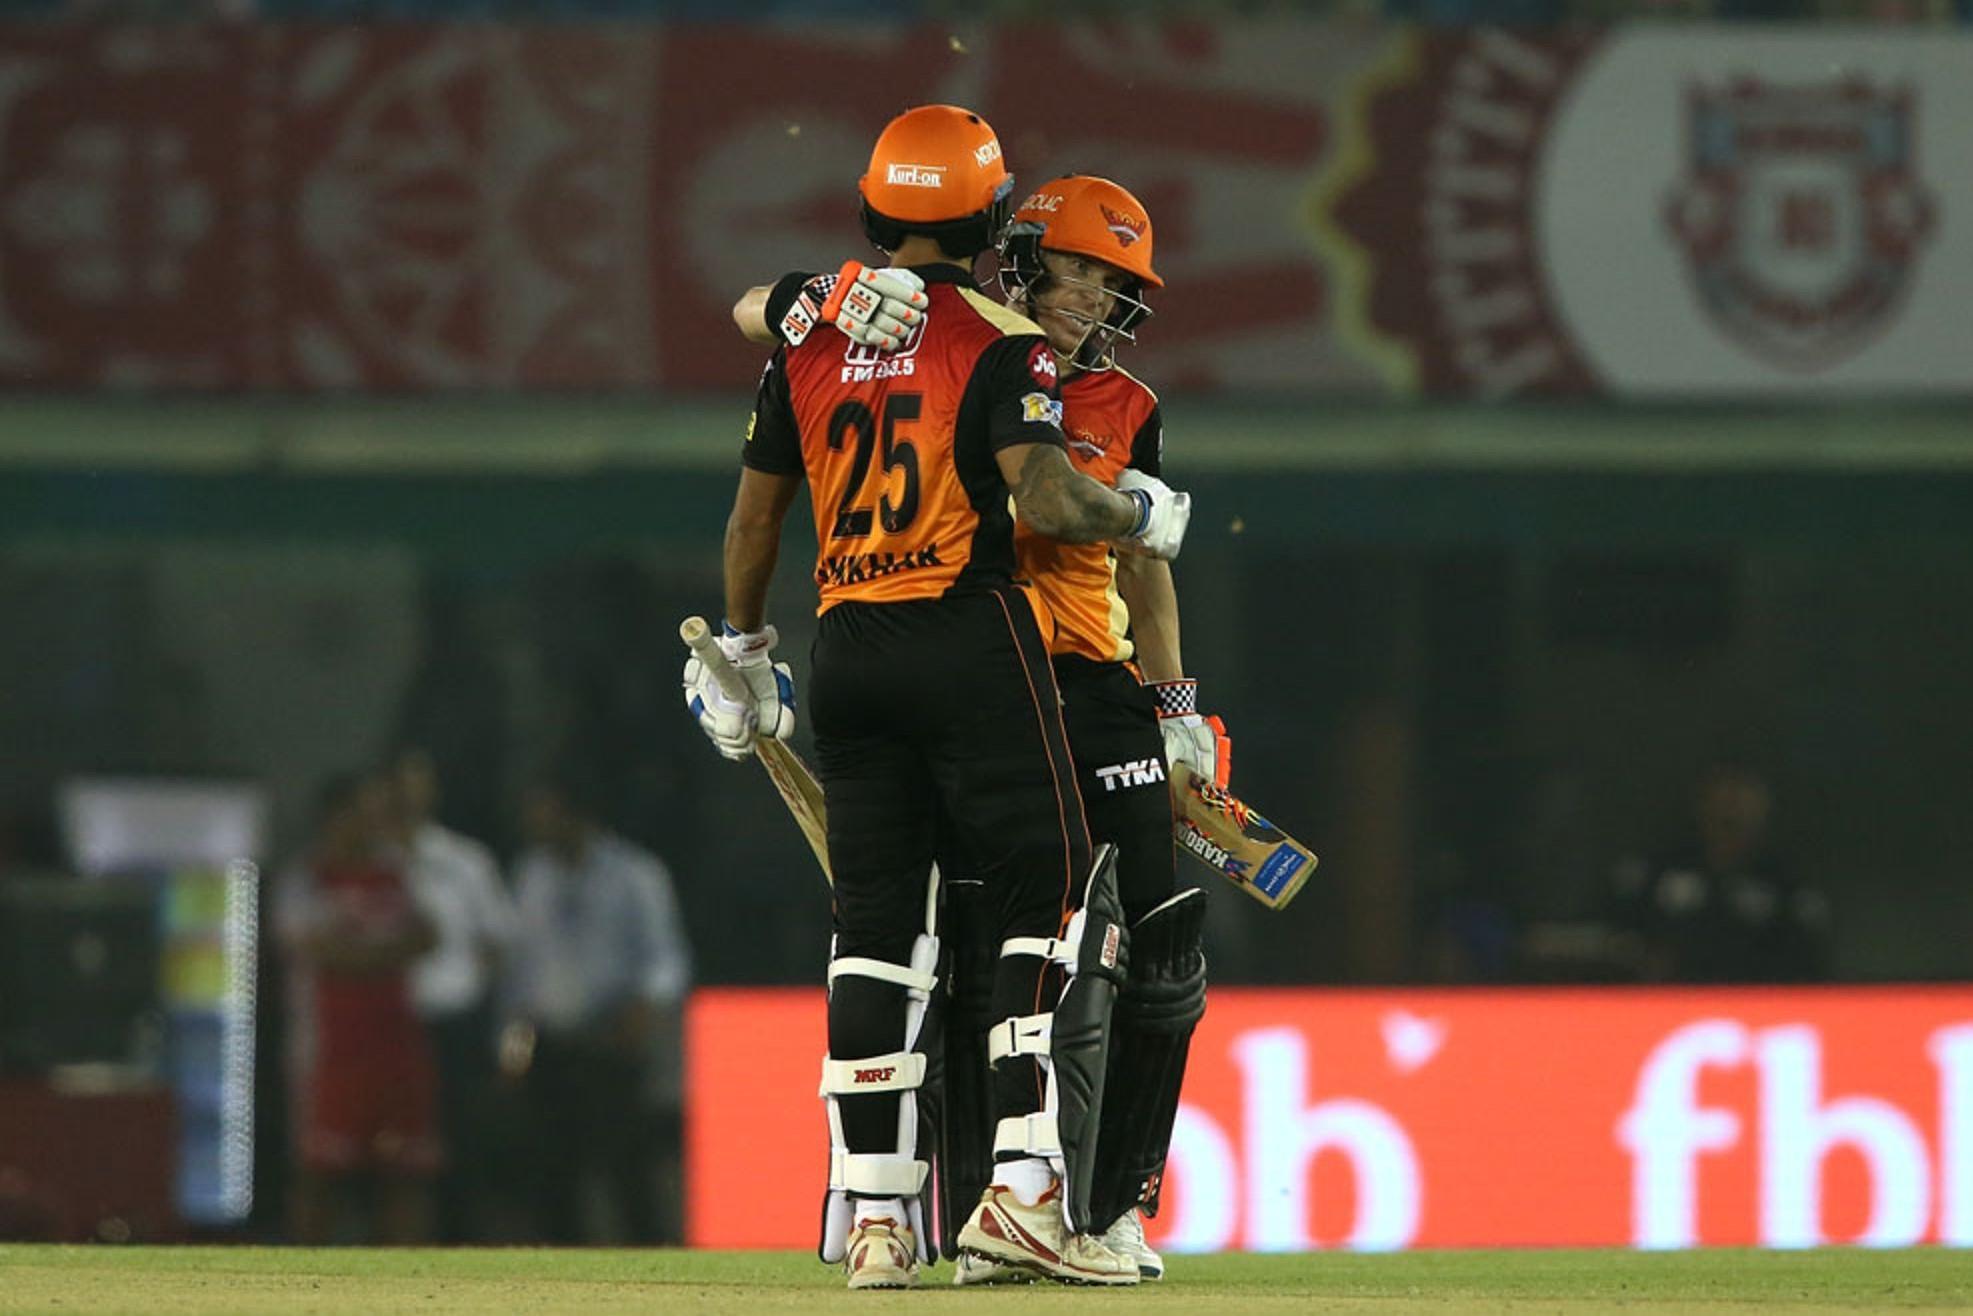 इन पांच कारणों की वजह से पंजाब को करना पड़ा हैदराबाद के खिलाफ करारी हार का सामना 2